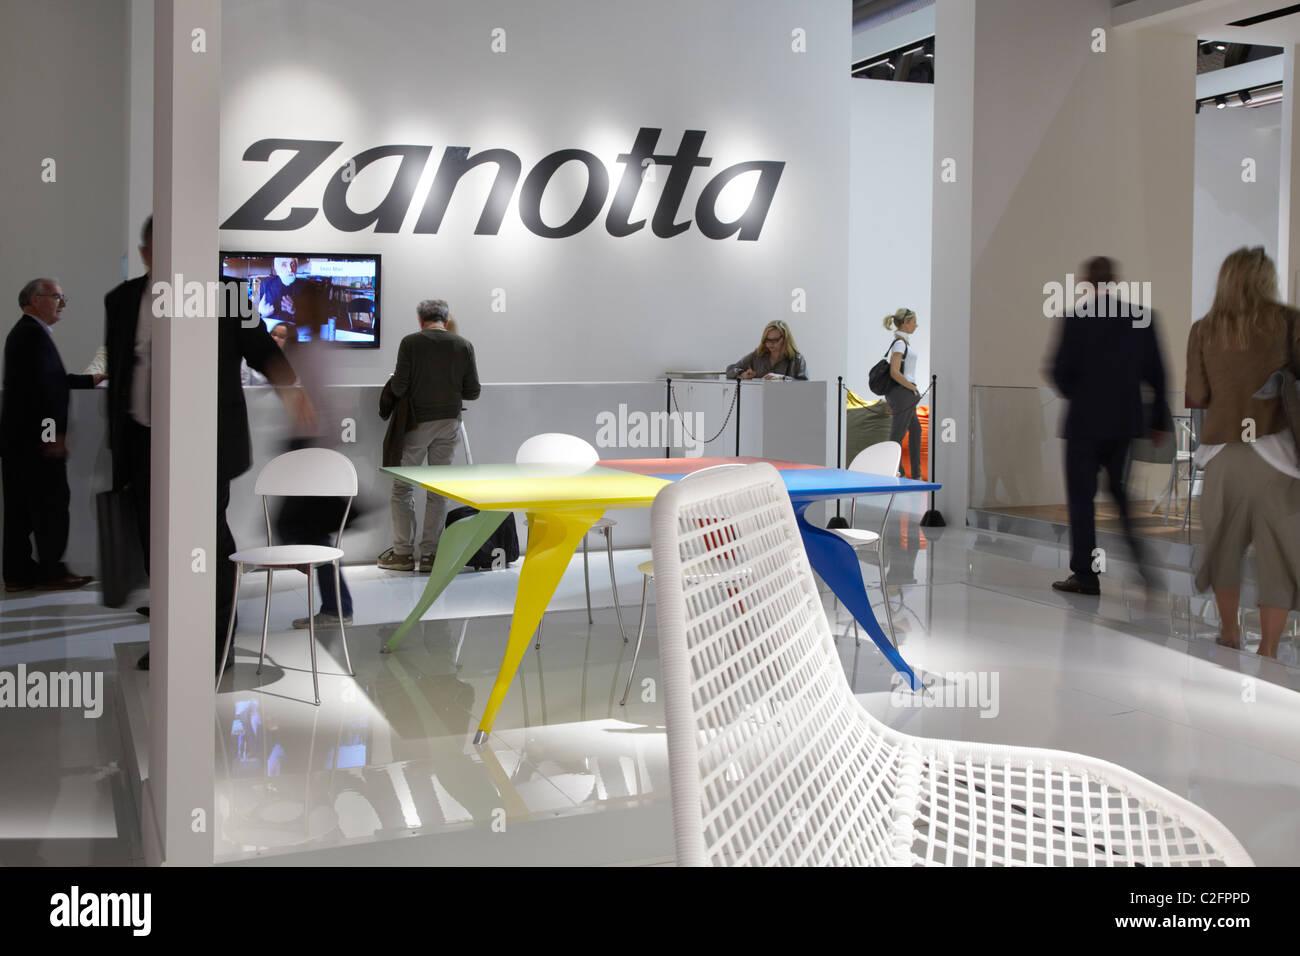 Salone del Mobile di Milano 2011, furniture fair, Zanotta stand Immagini Stock